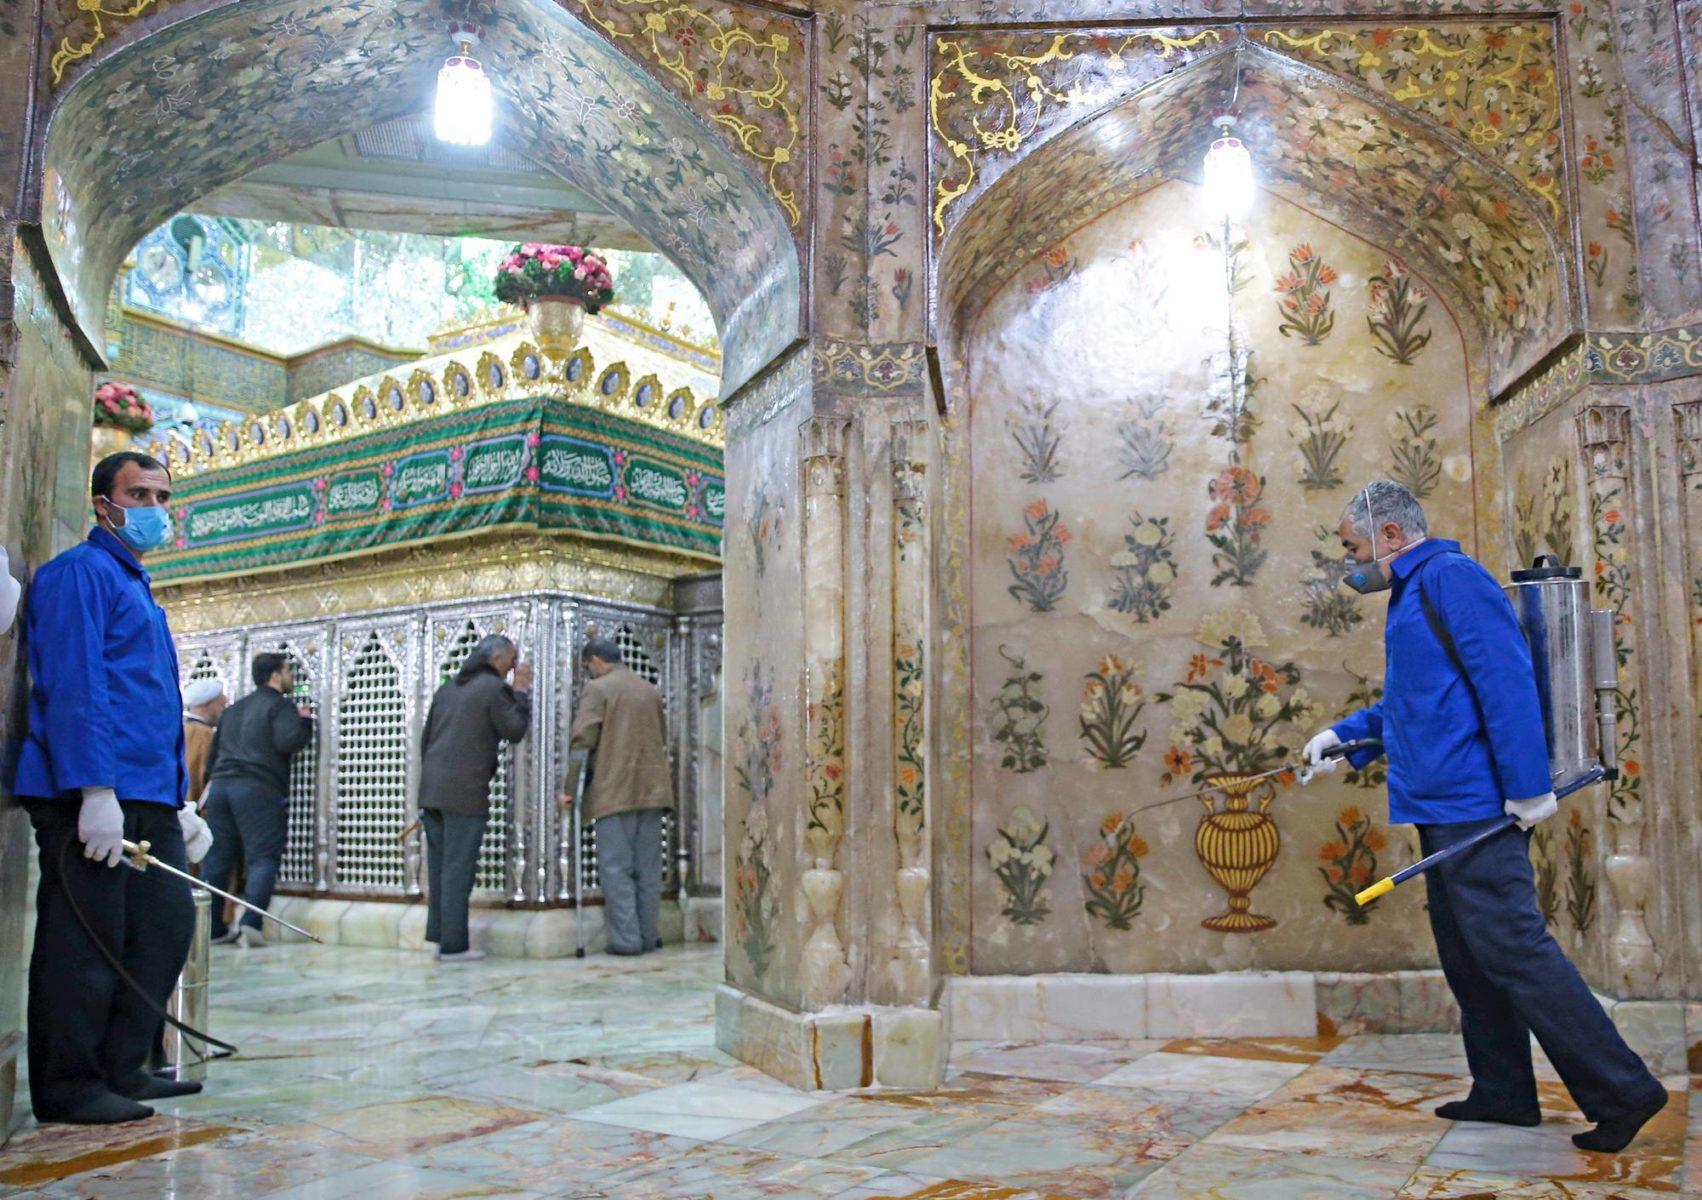 Työntekijät desinfioivat Fatima Masumehin hautapyhäkköä helmikuun 25. päivänä Qomissa. Iranin koronaepidemia sai ilmeisesti alkunsa tästä šiiamuslimien pyhäinvaelluspaikasta.